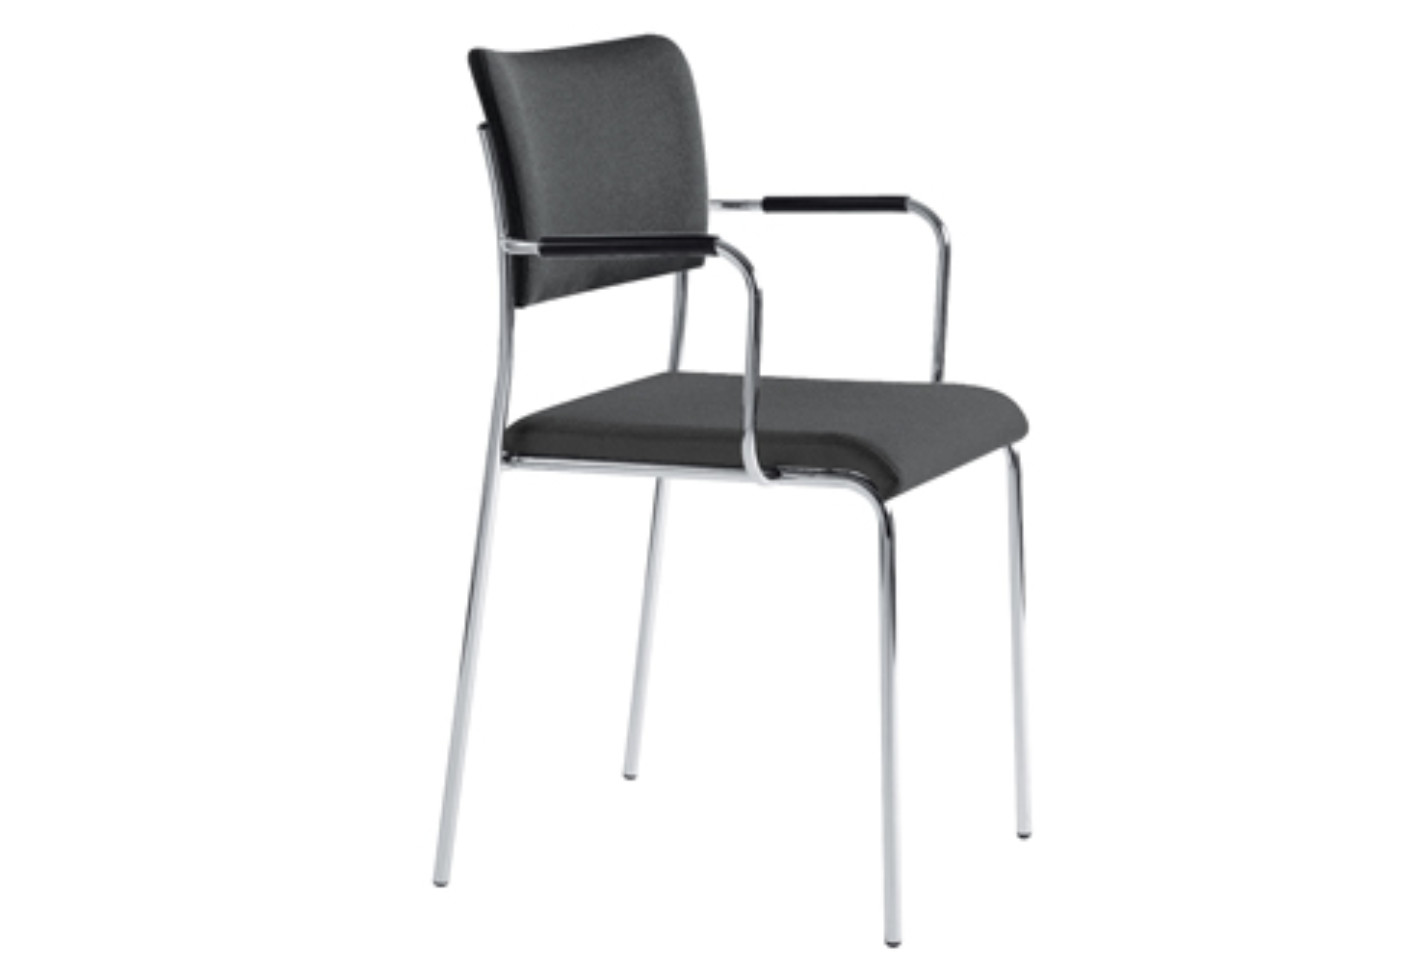 atrio stuhl mit armlehnen von dietiker stylepark. Black Bedroom Furniture Sets. Home Design Ideas